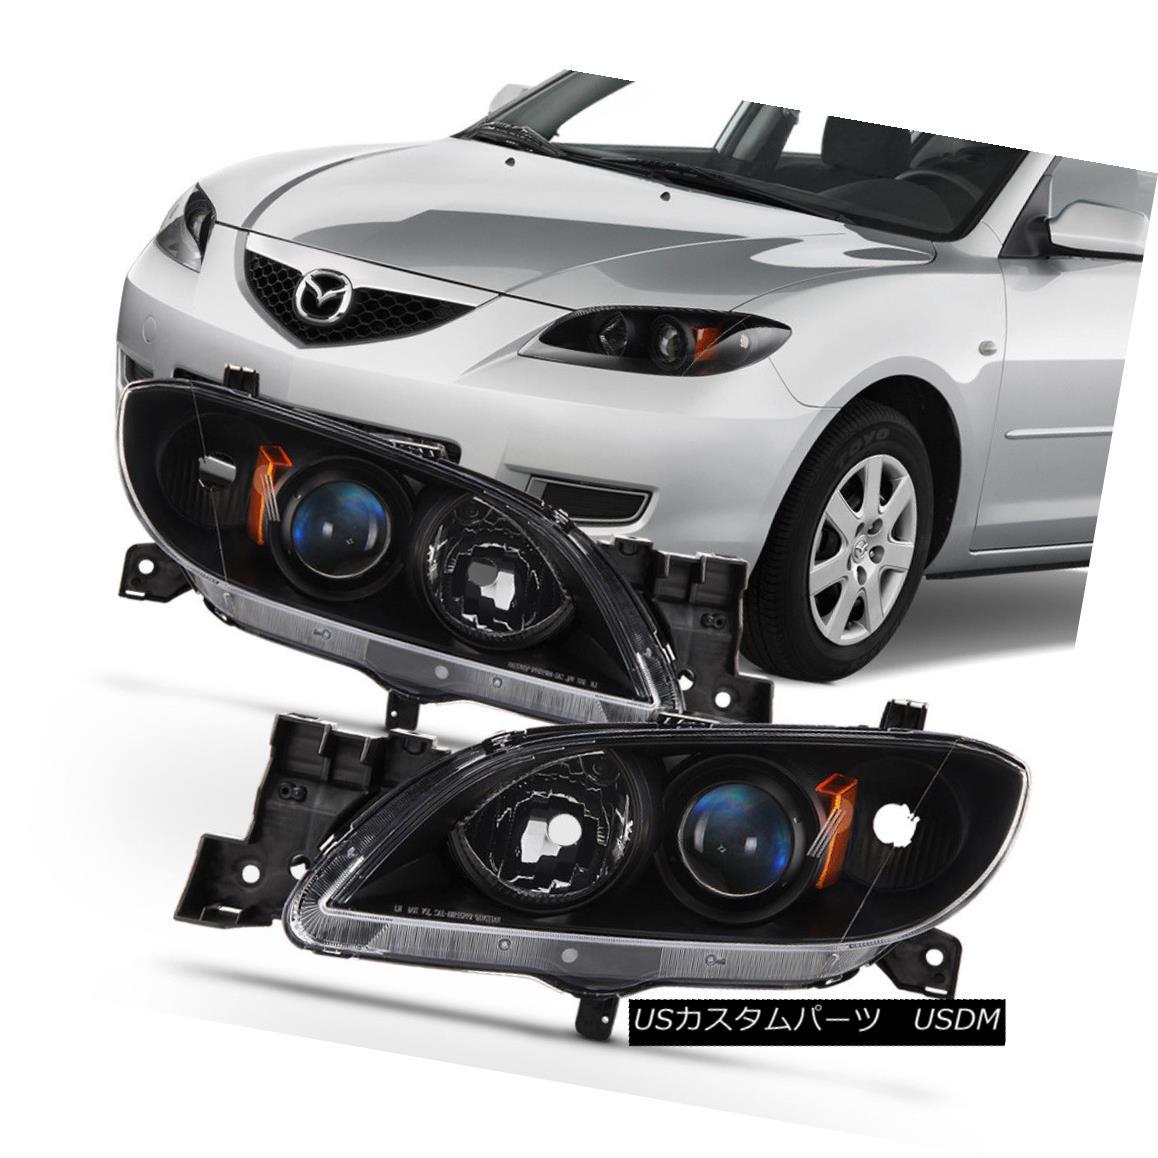 テールライト Black 2004-2009 Mazda 3 Sedan Headlights Halogen Projector Headlamps Left+Right 黒2004-2009マツダ3セダンヘッドライトハロゲンプロジェクターヘッドランプ左+右